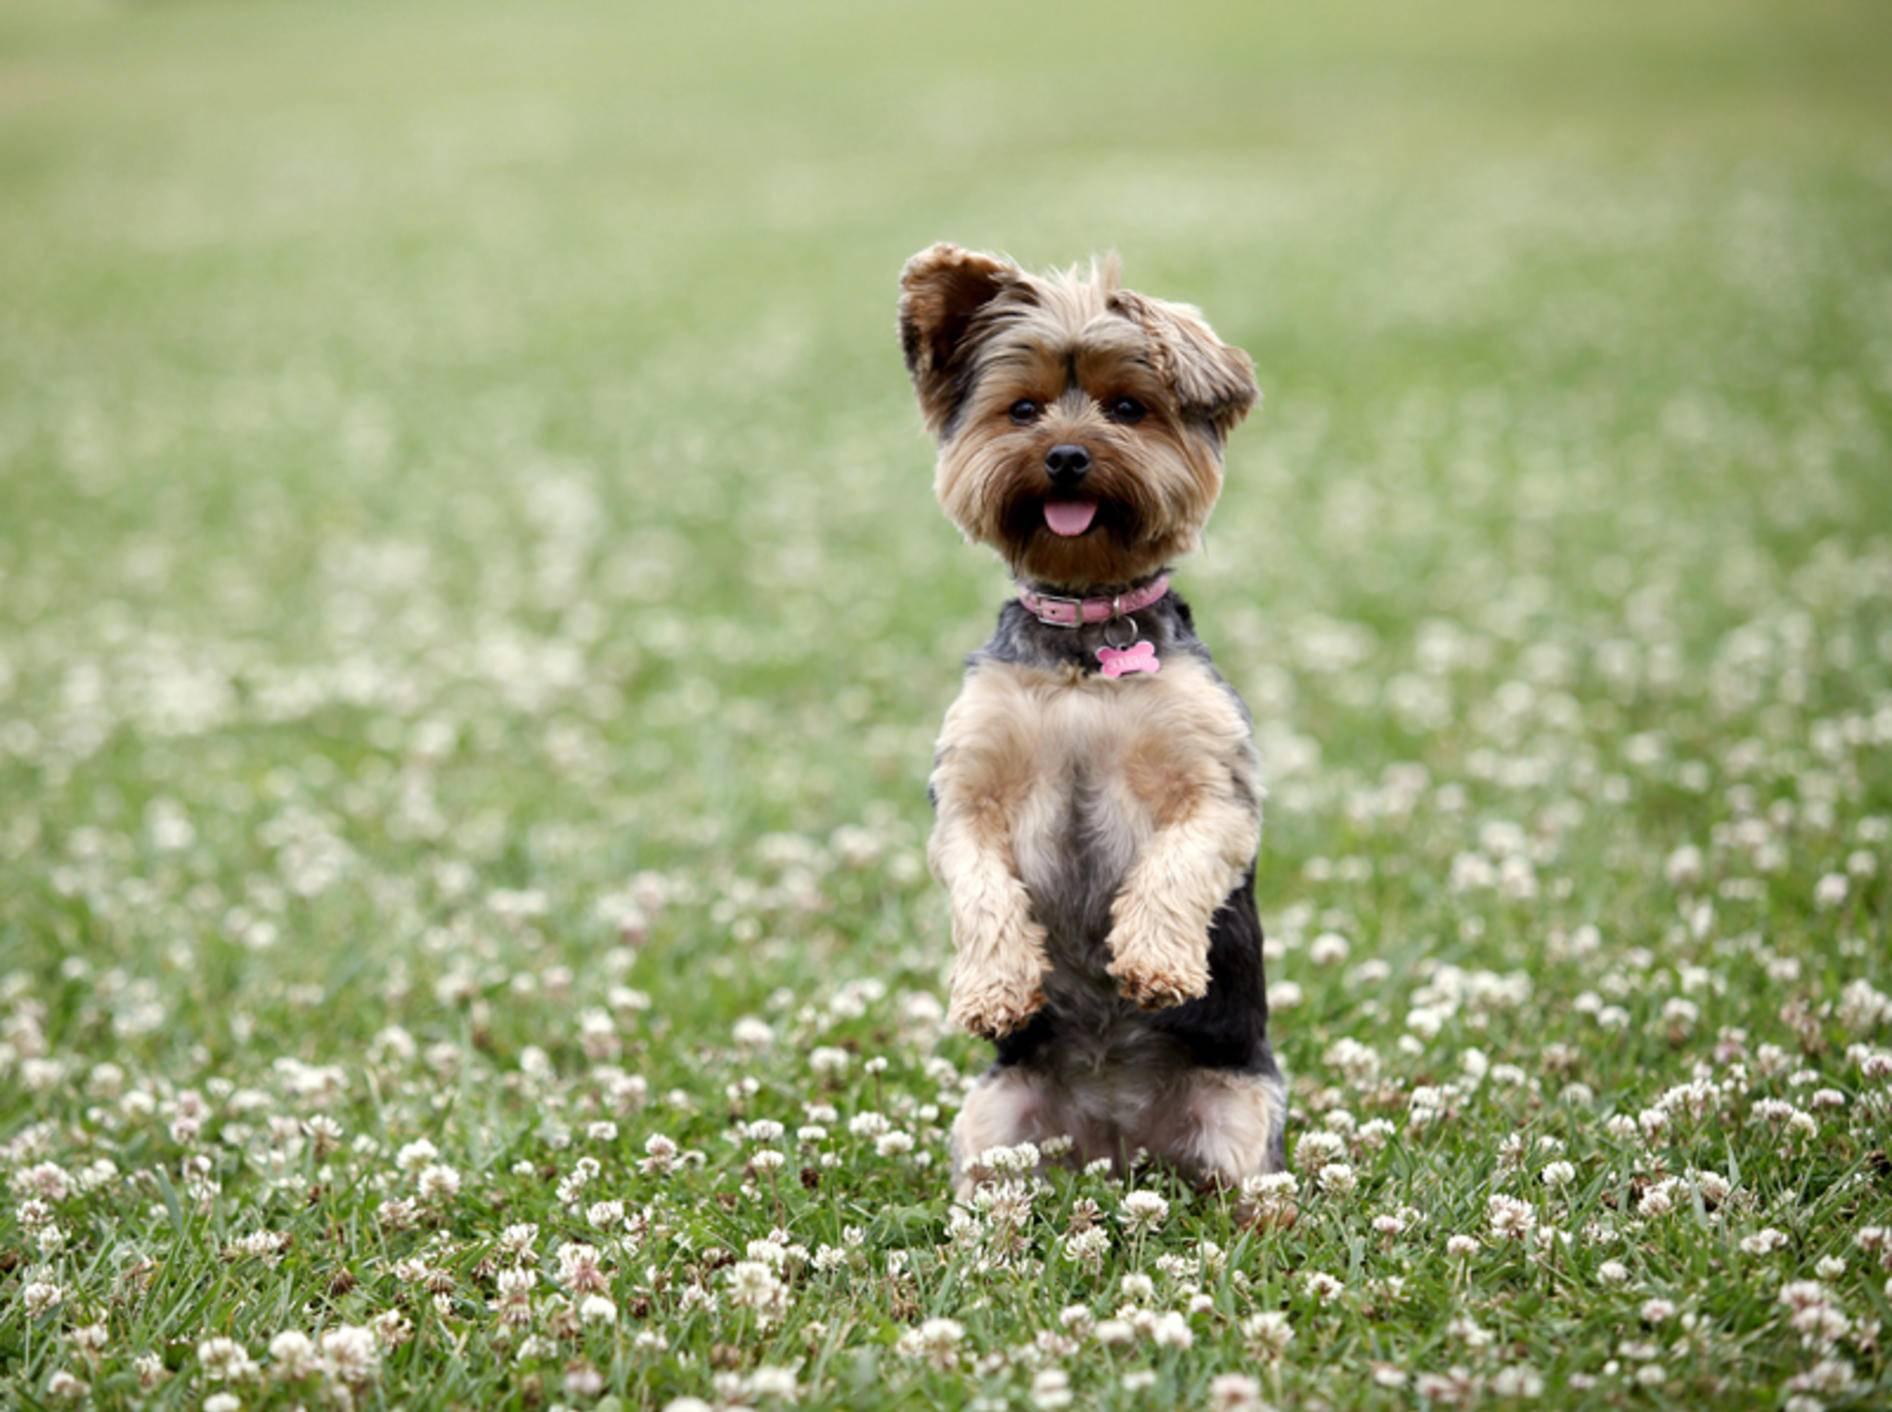 """""""Guck mal, was ich kann!"""" – Ist permanente Aufmerksamkeit gut für Hunde? – Shutterstock / Phase4Studios"""